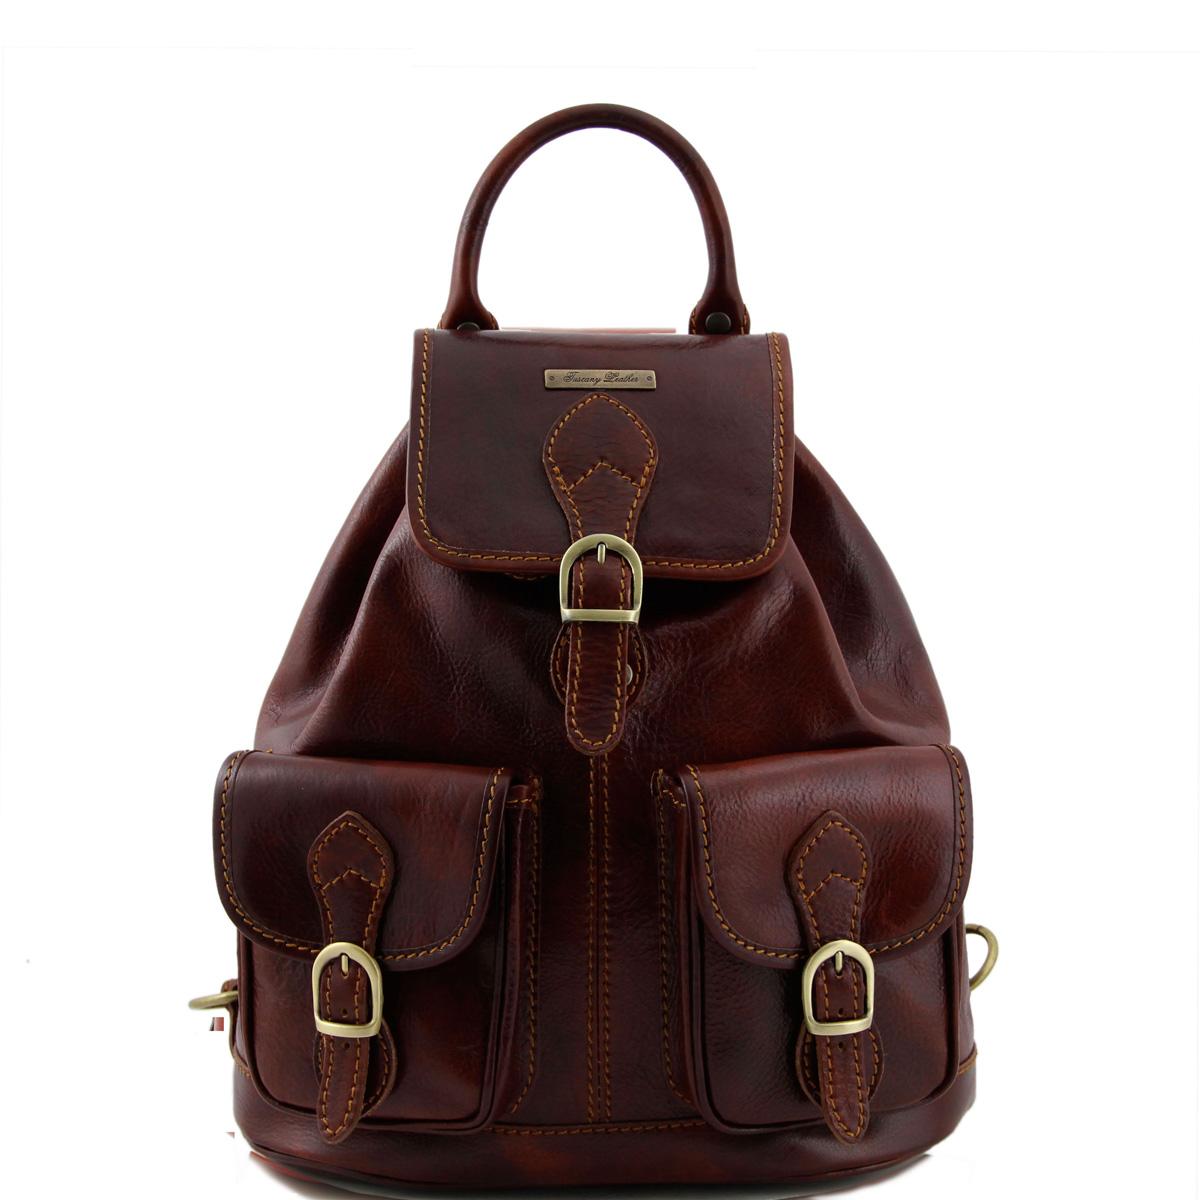 Tuscany LeatherRyggsäck i skinn Tokyo TL9035 ITALIENSKA